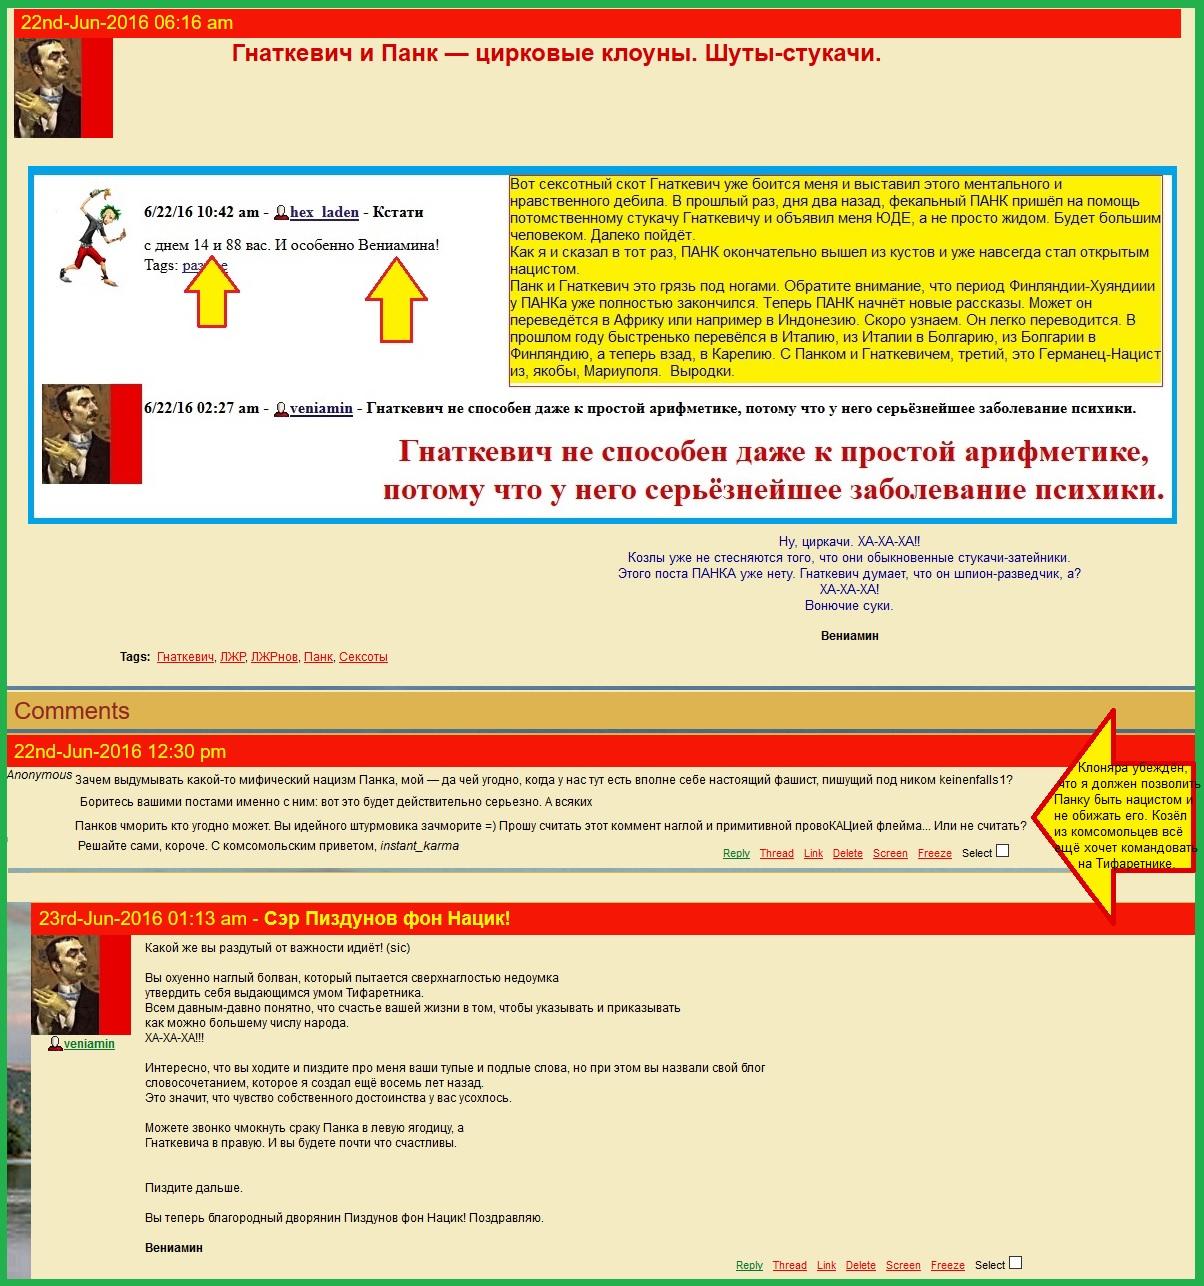 Купить Прокси Онлайн Для Накрутки - Купить Российские Прокси